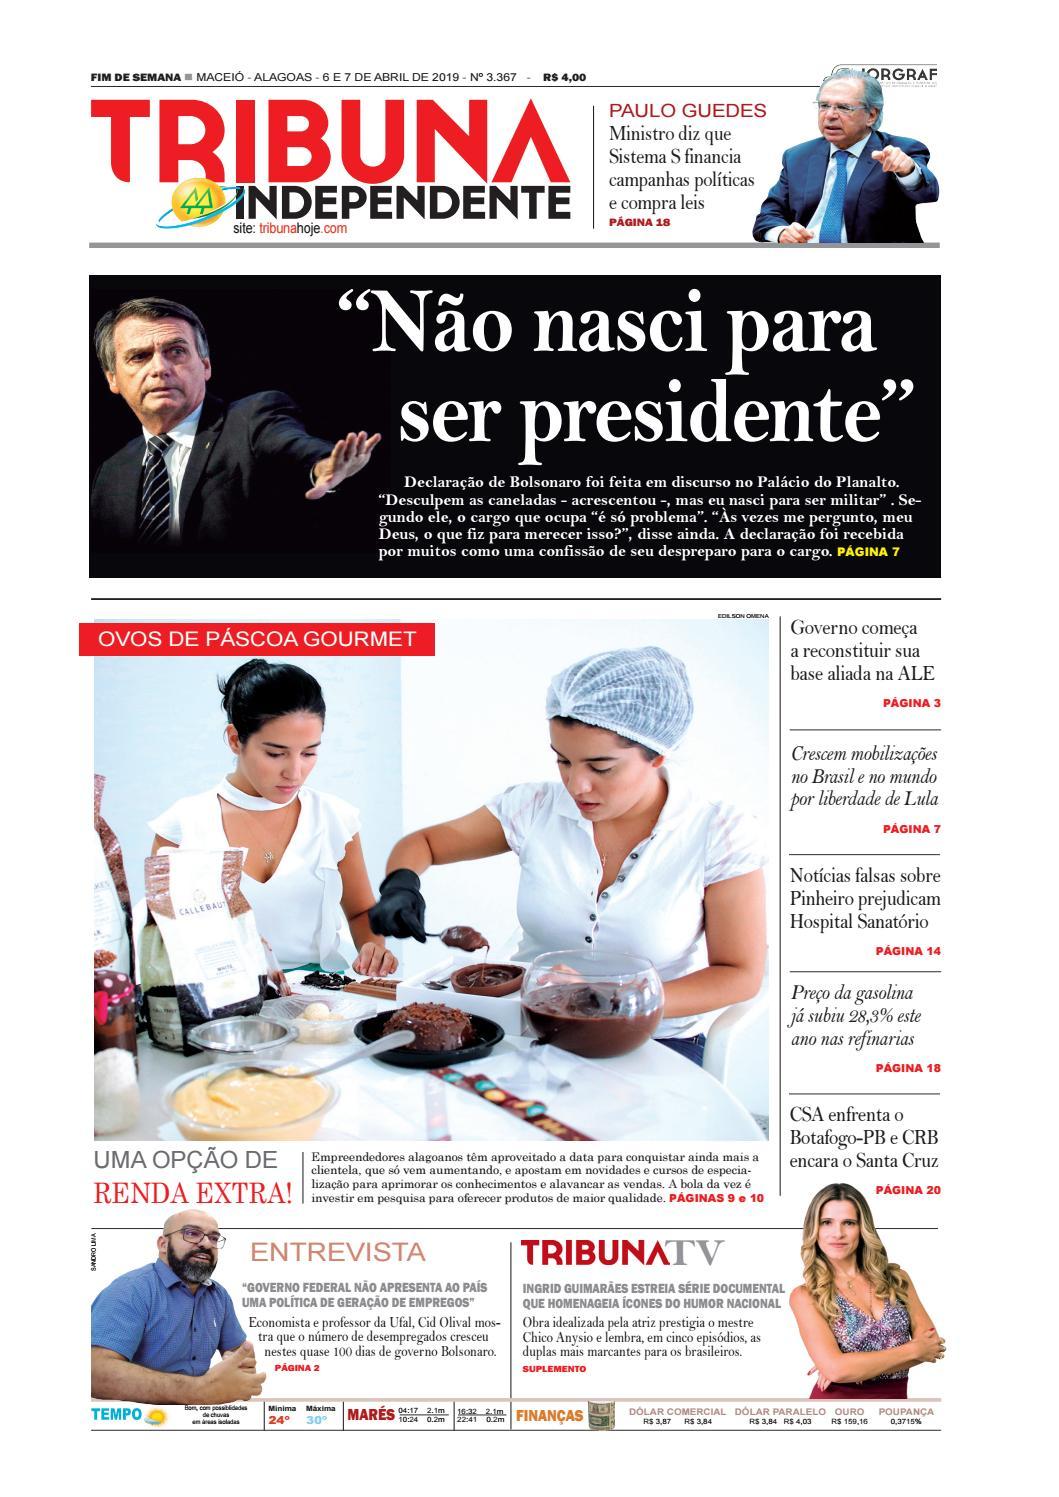 64b74df8a90 Edição número 3367 – 06 e 07 de abril de 2019 by Tribuna Hoje - issuu